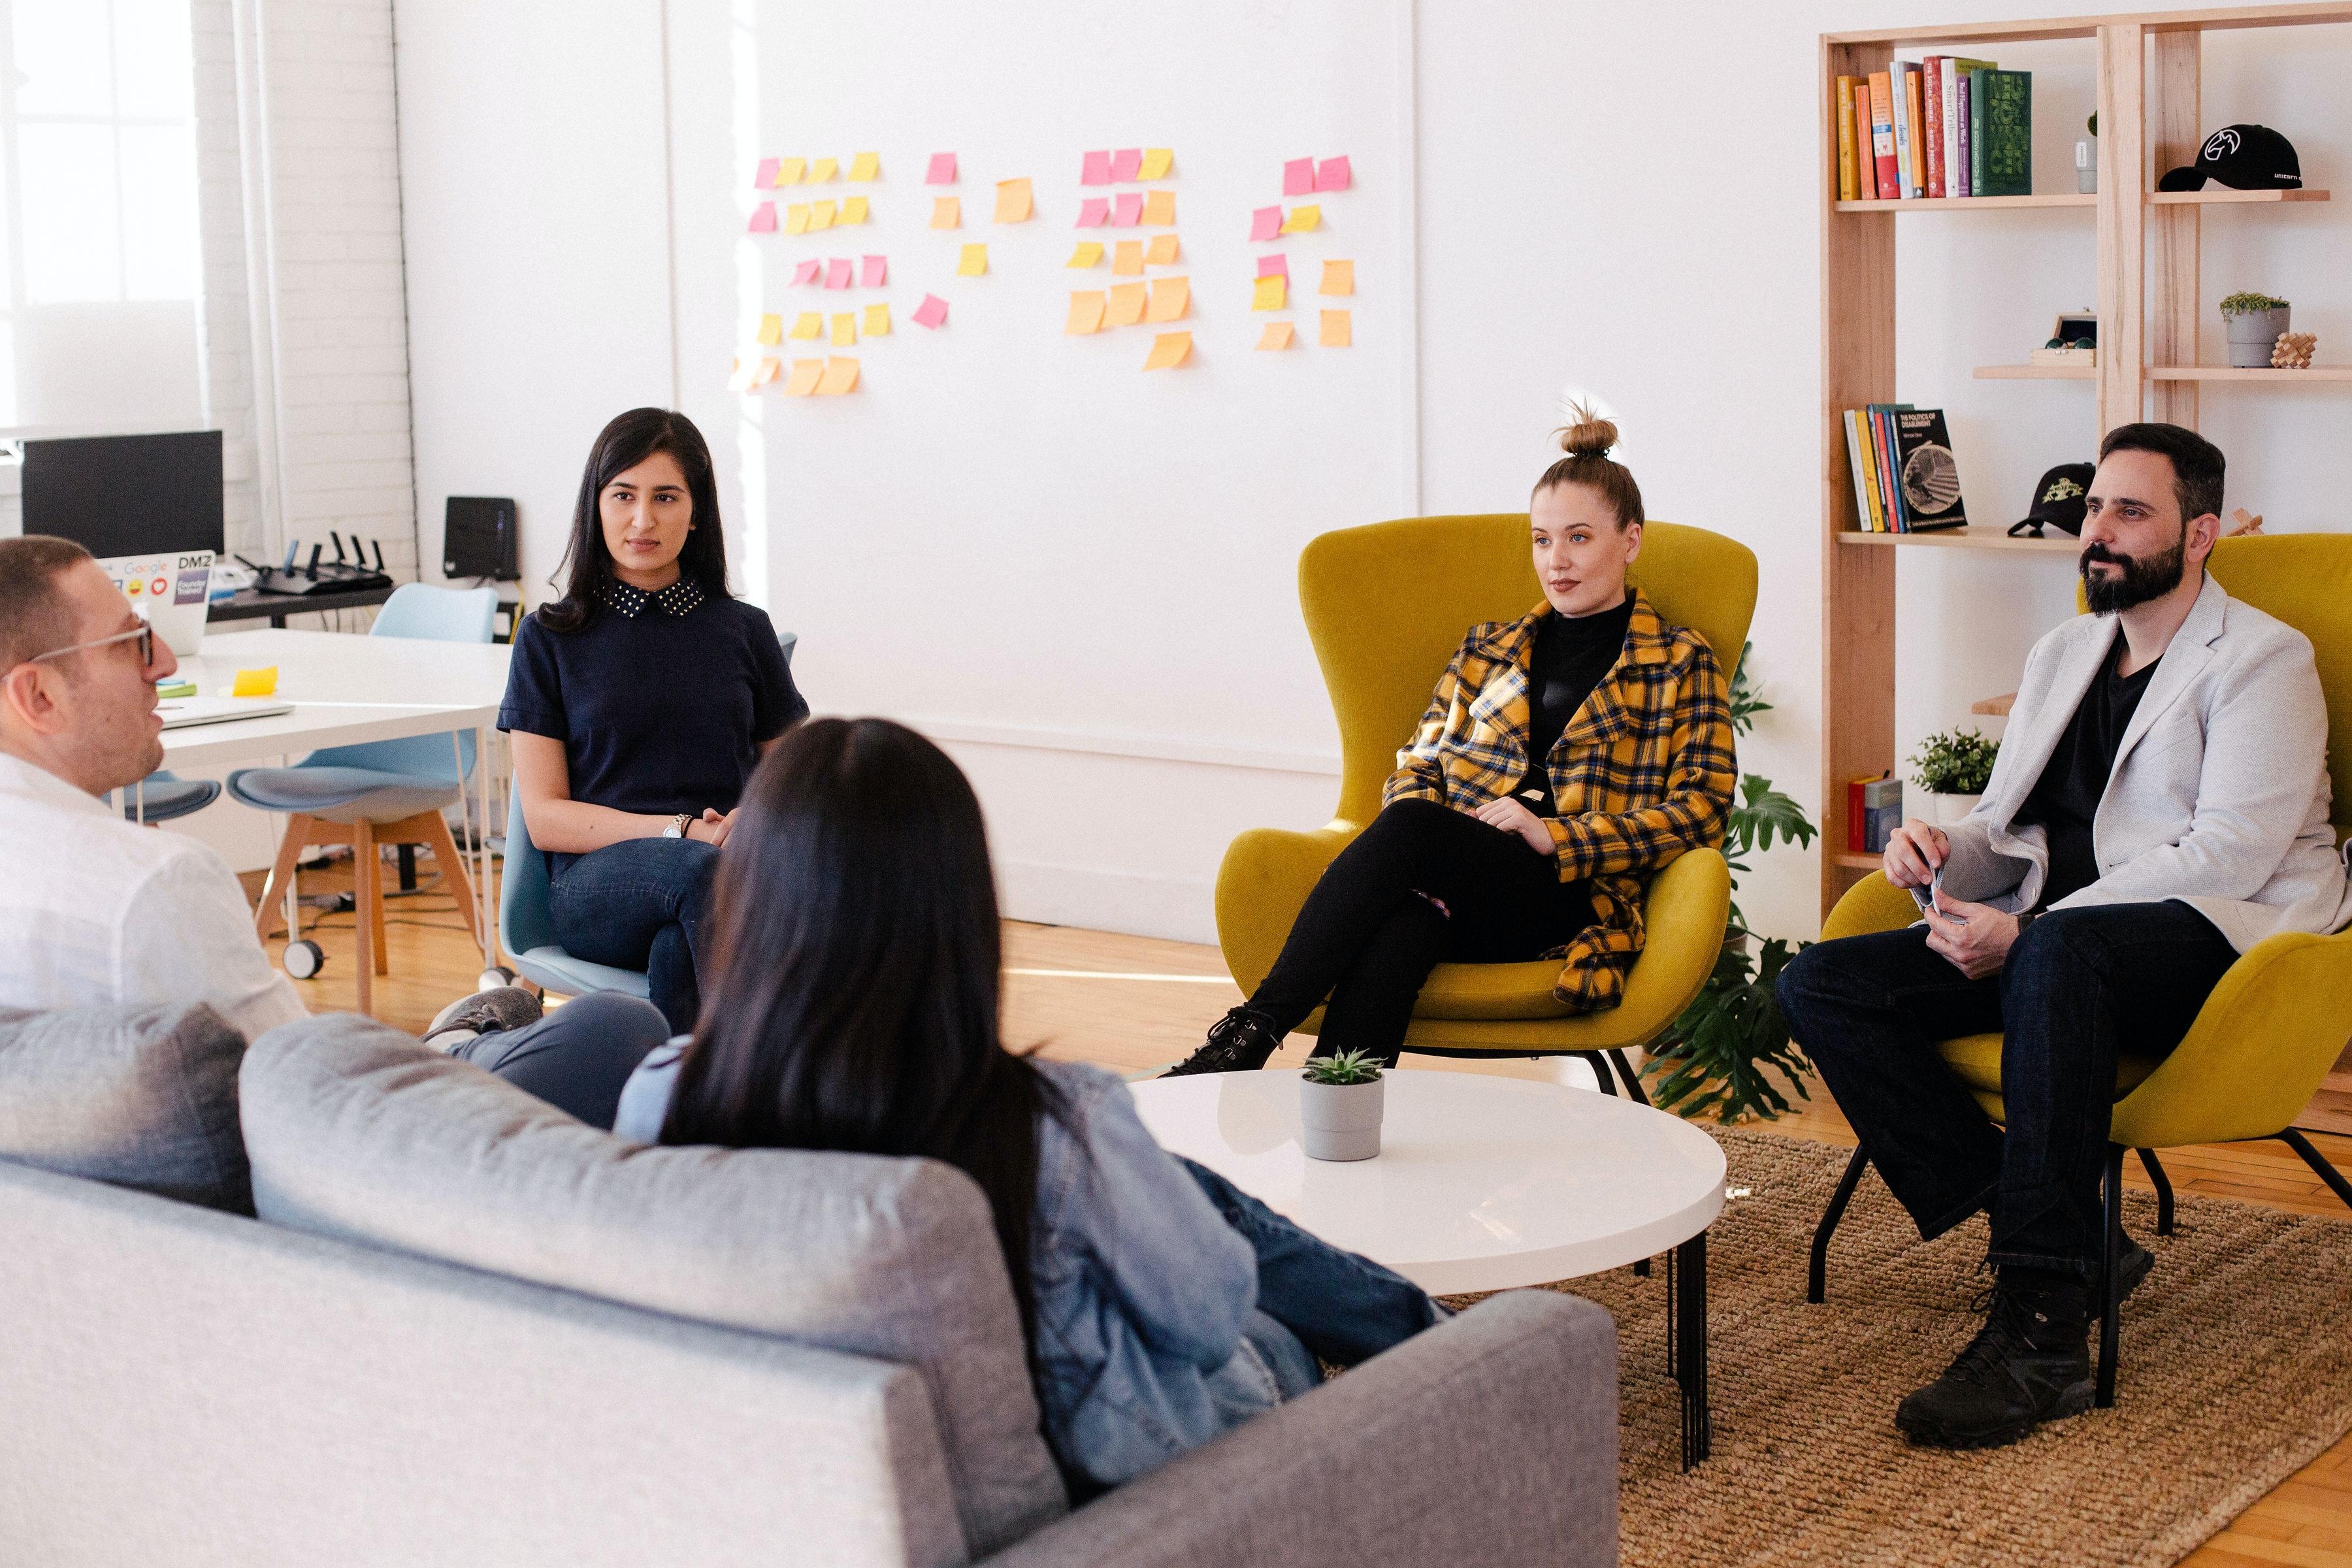 photographie en couleur d'un groupe de jeunes travailleurs en pleine réunion